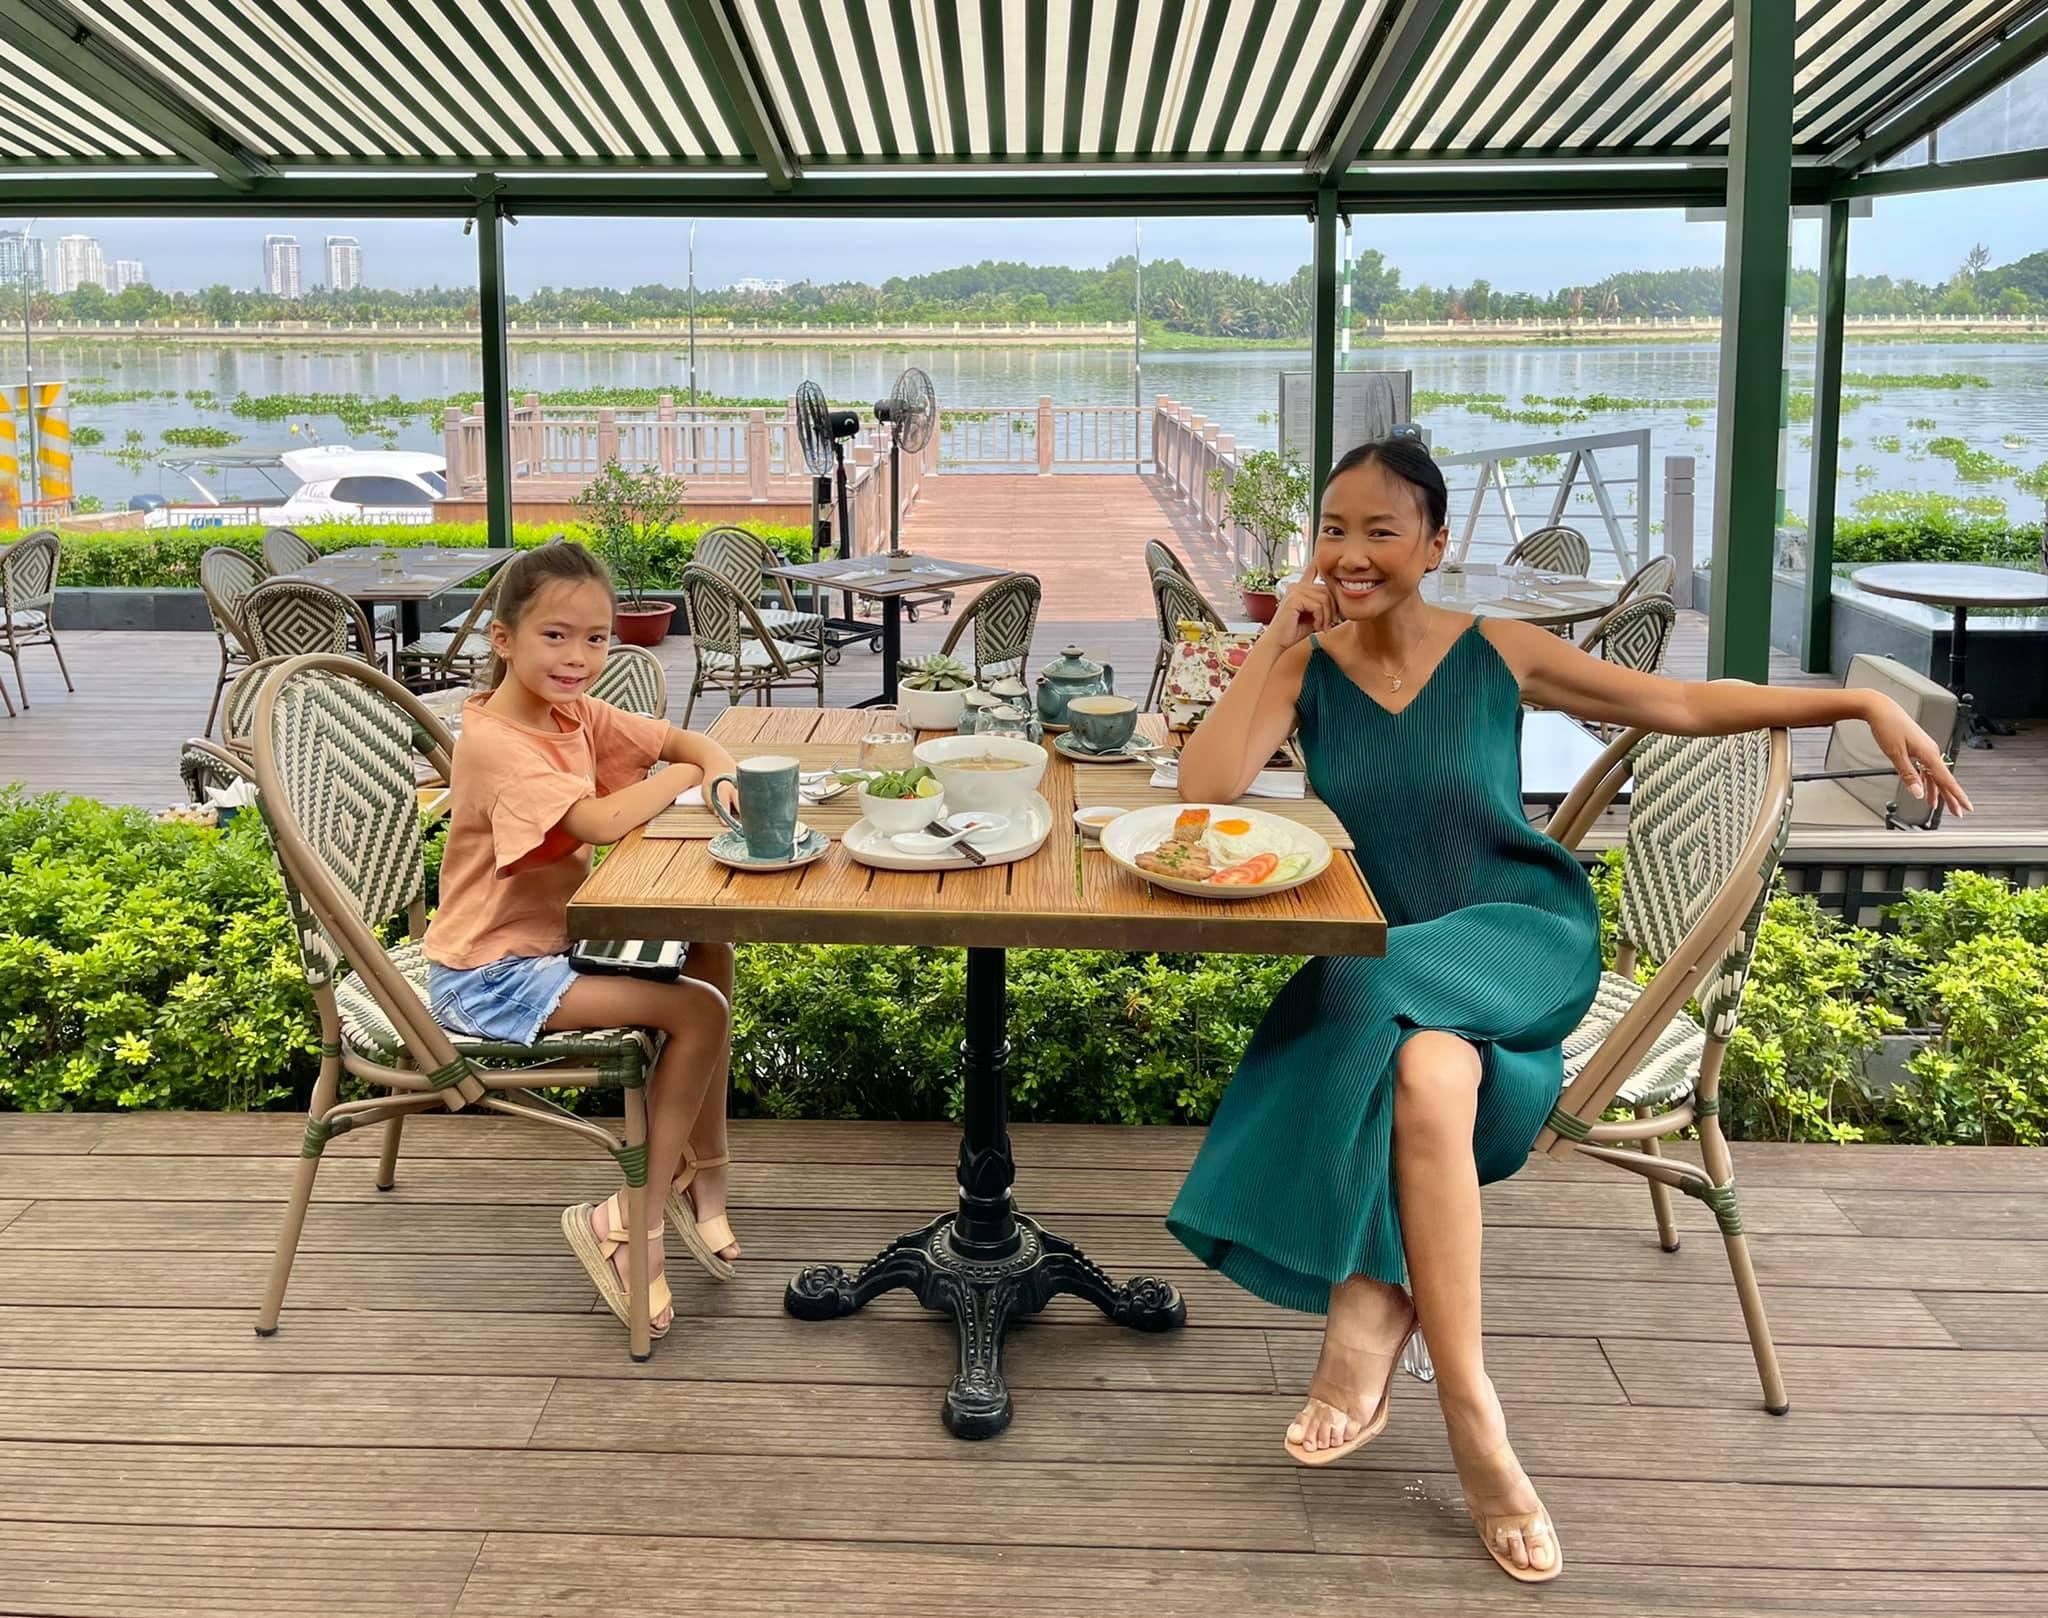 Con gái Đoan Trang bùng nổ visual qua bộ ảnh mẹ chụp, mới bé xíu mà thần thái và nhan sắc ra dáng mỹ nhân Vbiz tương lai! - Ảnh 5.